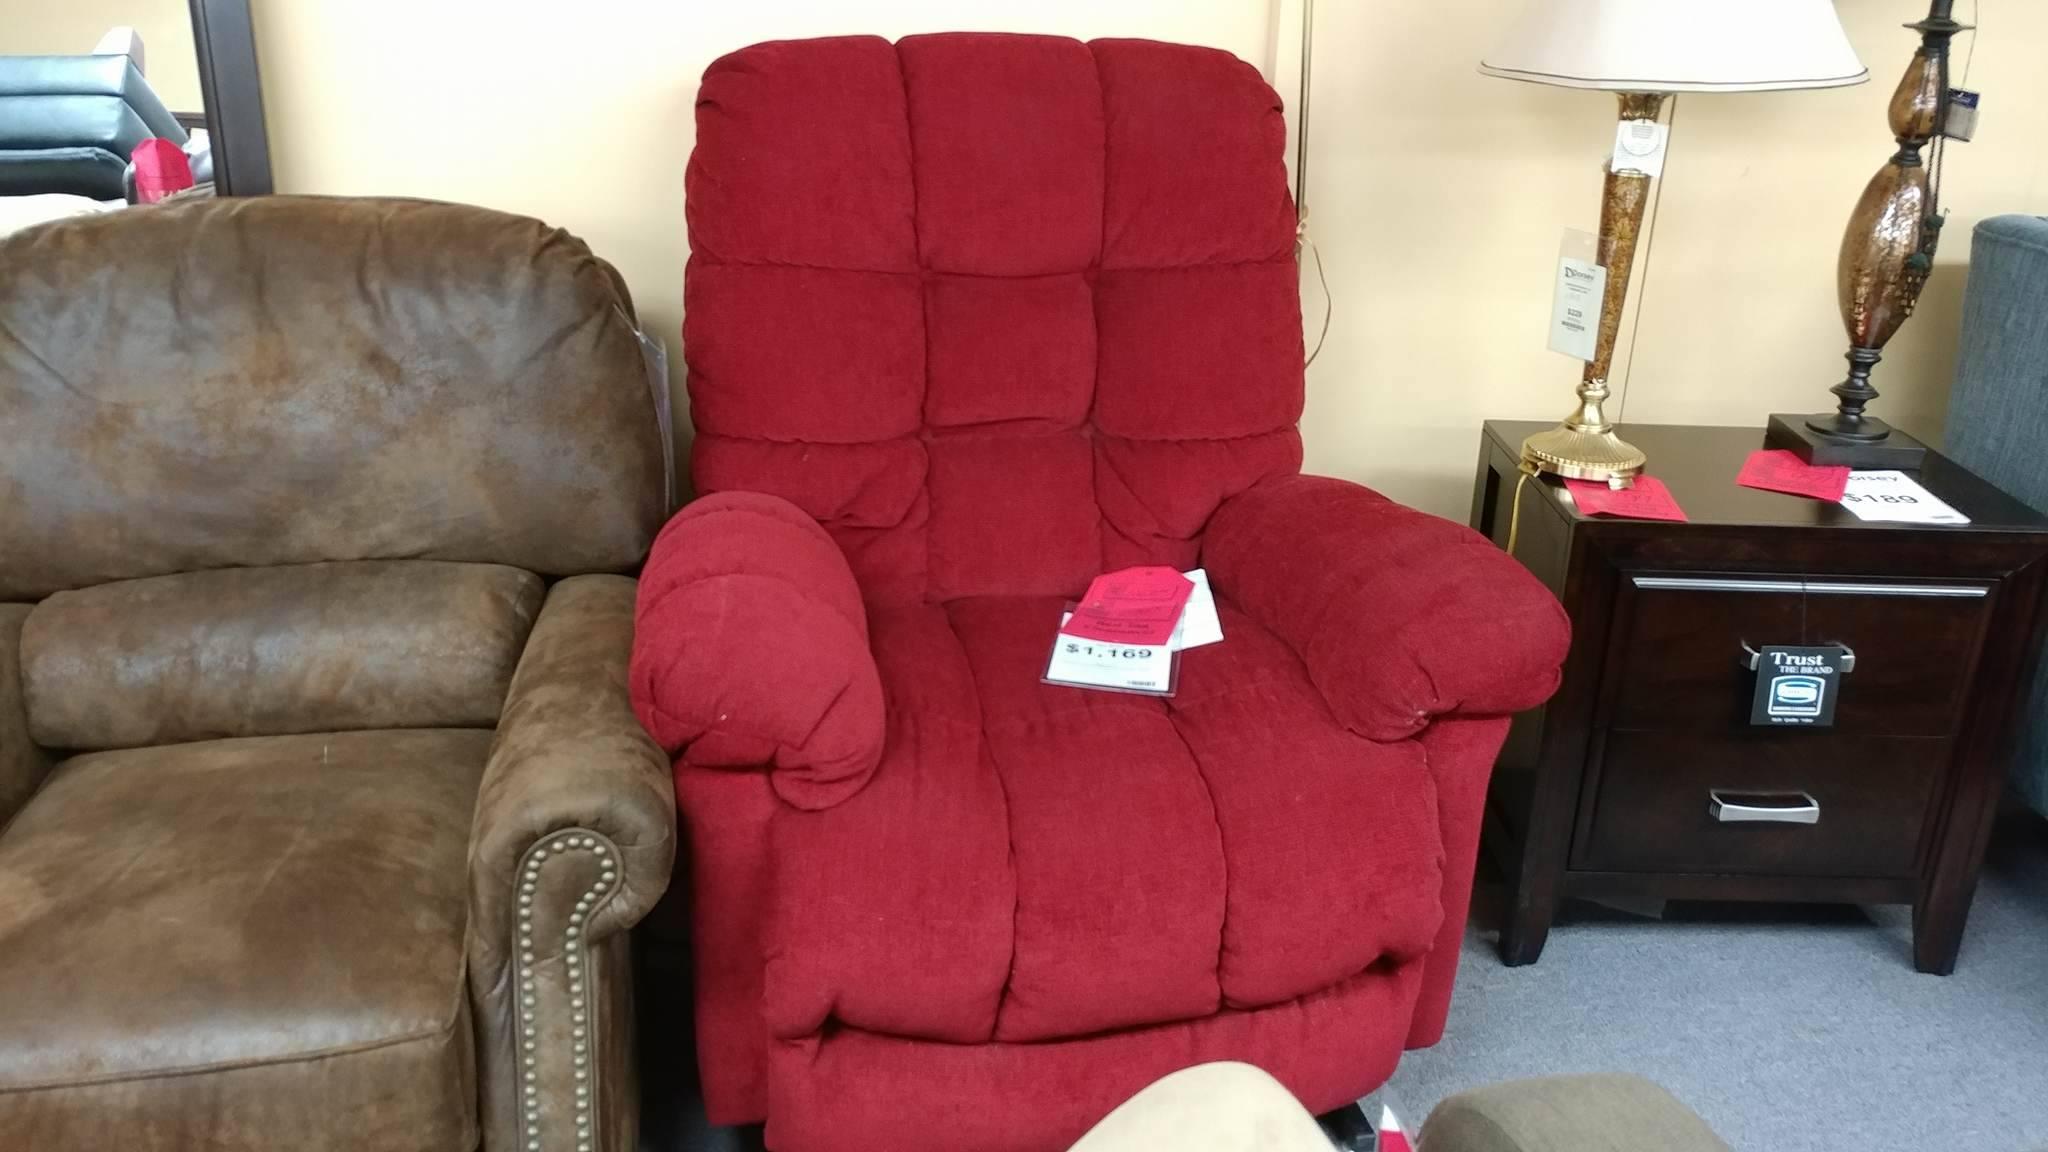 Best Chair Brosmer 9mw81 power lift recliner clearance